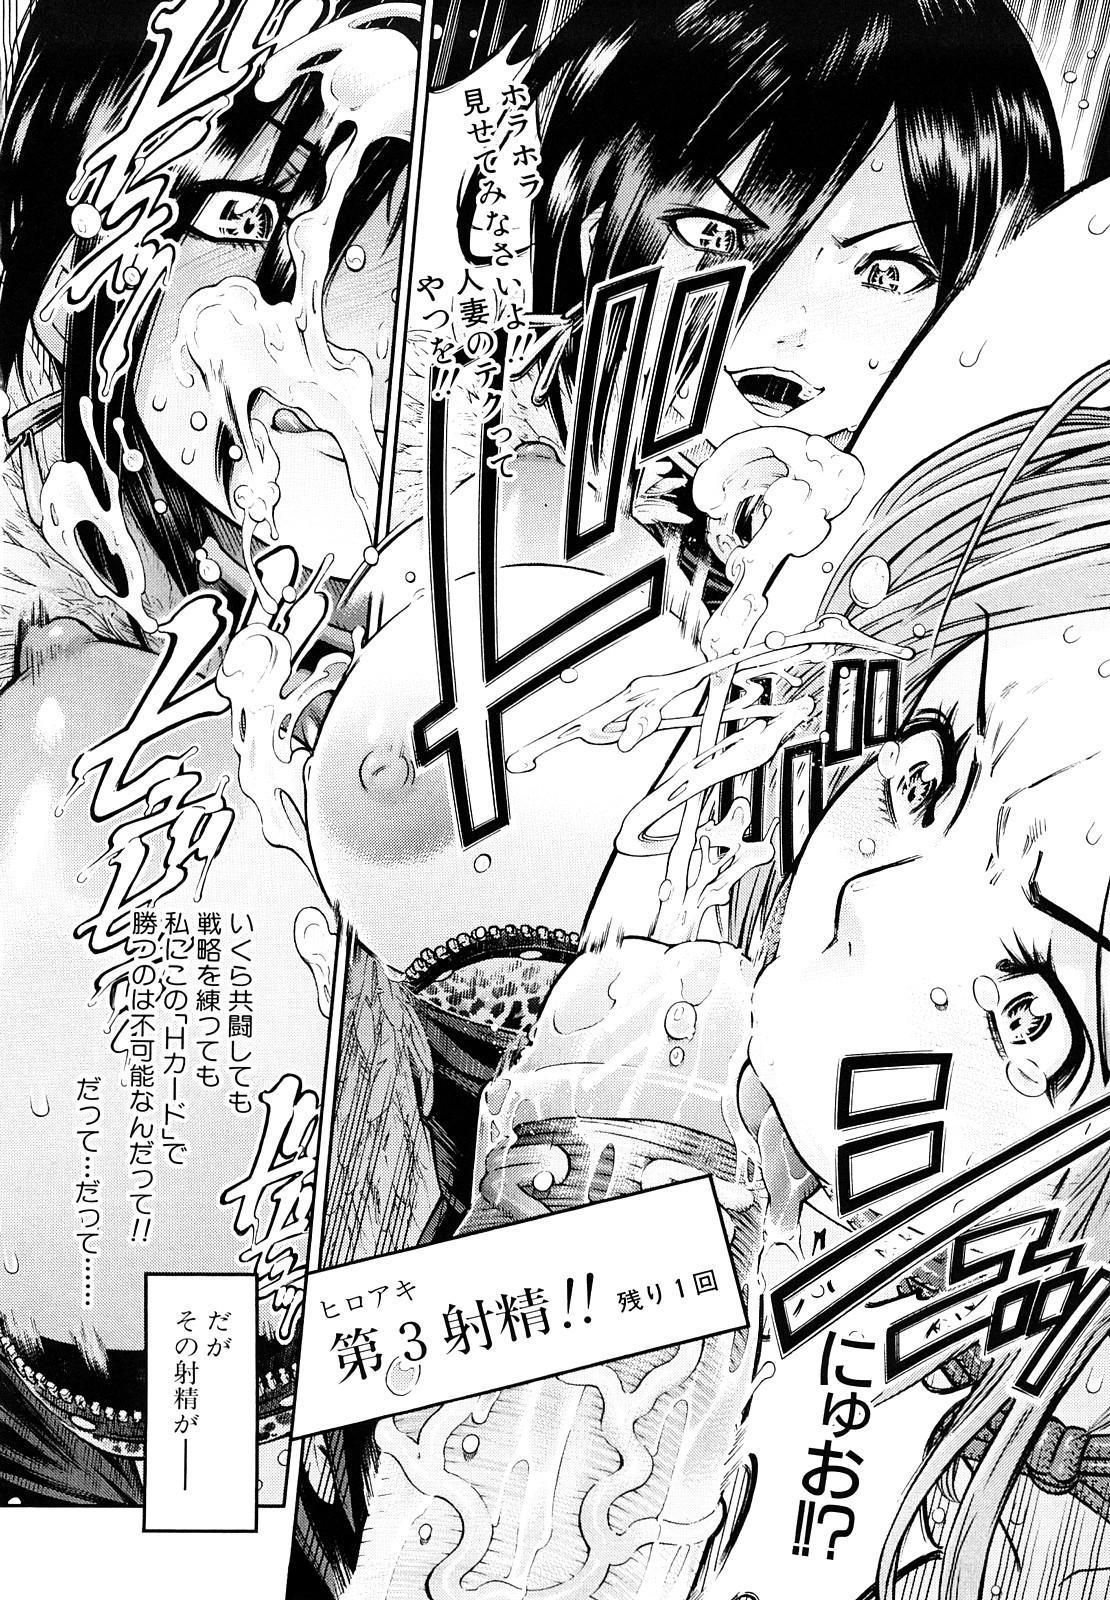 Chijyotachi no Kirifuda 62